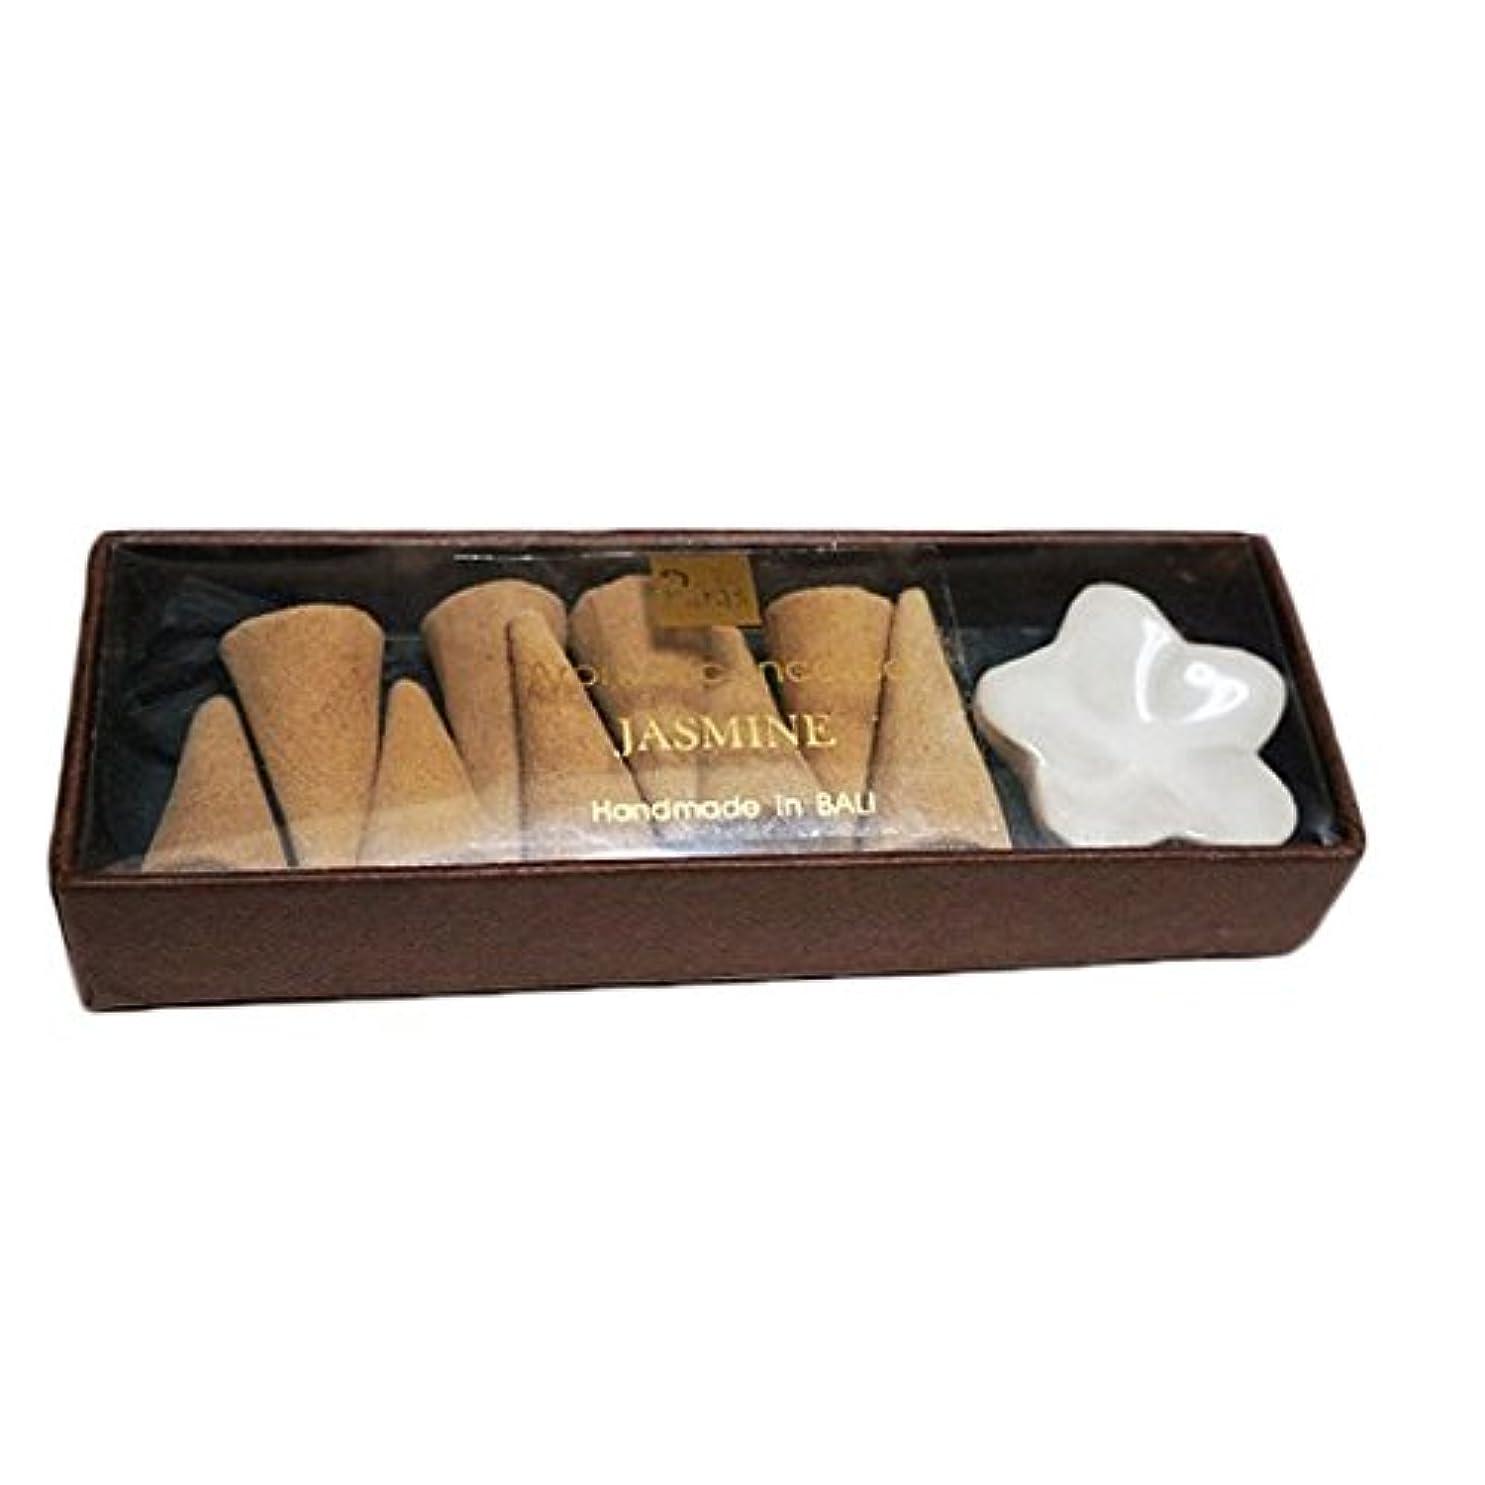 にやにや調子激しいジャスミン お香セット【トコパラス TOKO PARAS】バリ島 フランジパニの陶器のお香立て付き ナチュラルハンドメイドのお香